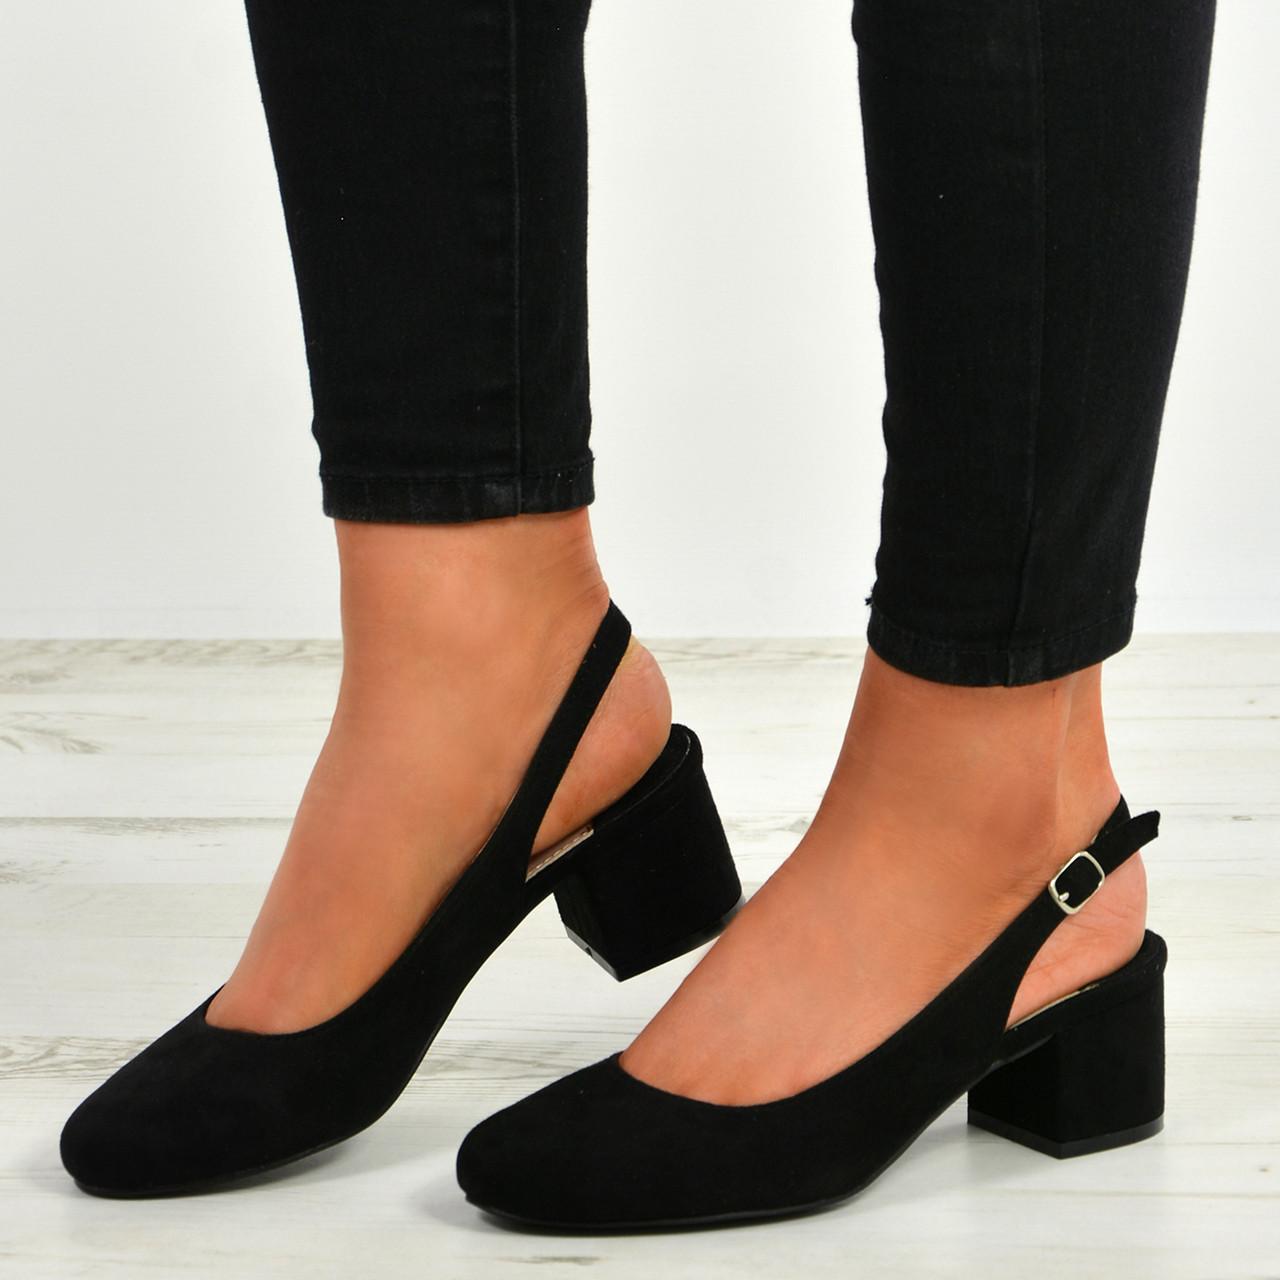 1707e23de1a Aubrie Black Low Heel Pumps